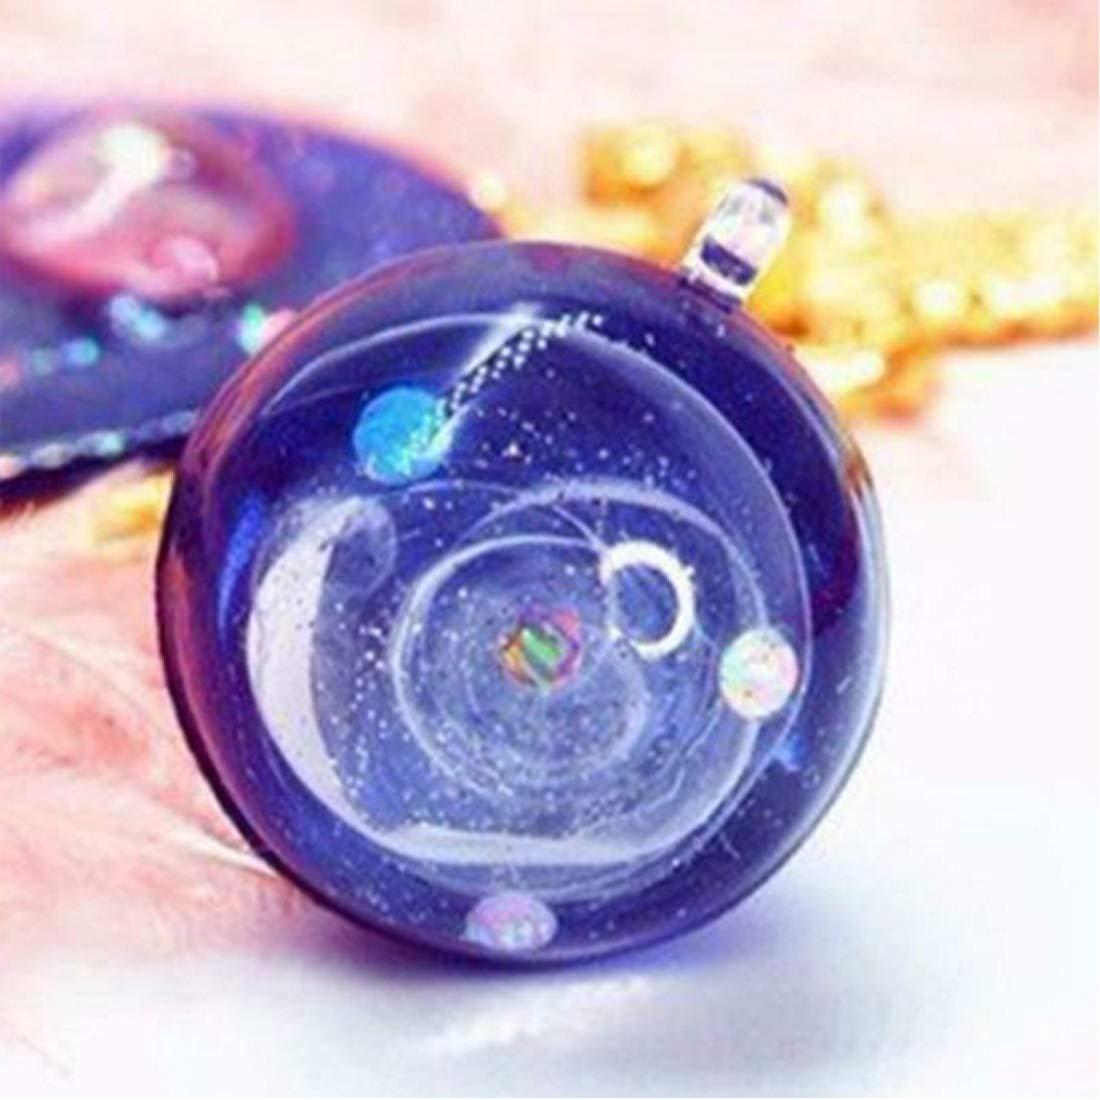 NoyoKere Molde de Resina de Silicona Transparente Arte de DIY Diferentes tama/ños Universo Forma de Bola Resina epoxi moldes para joyer/ía